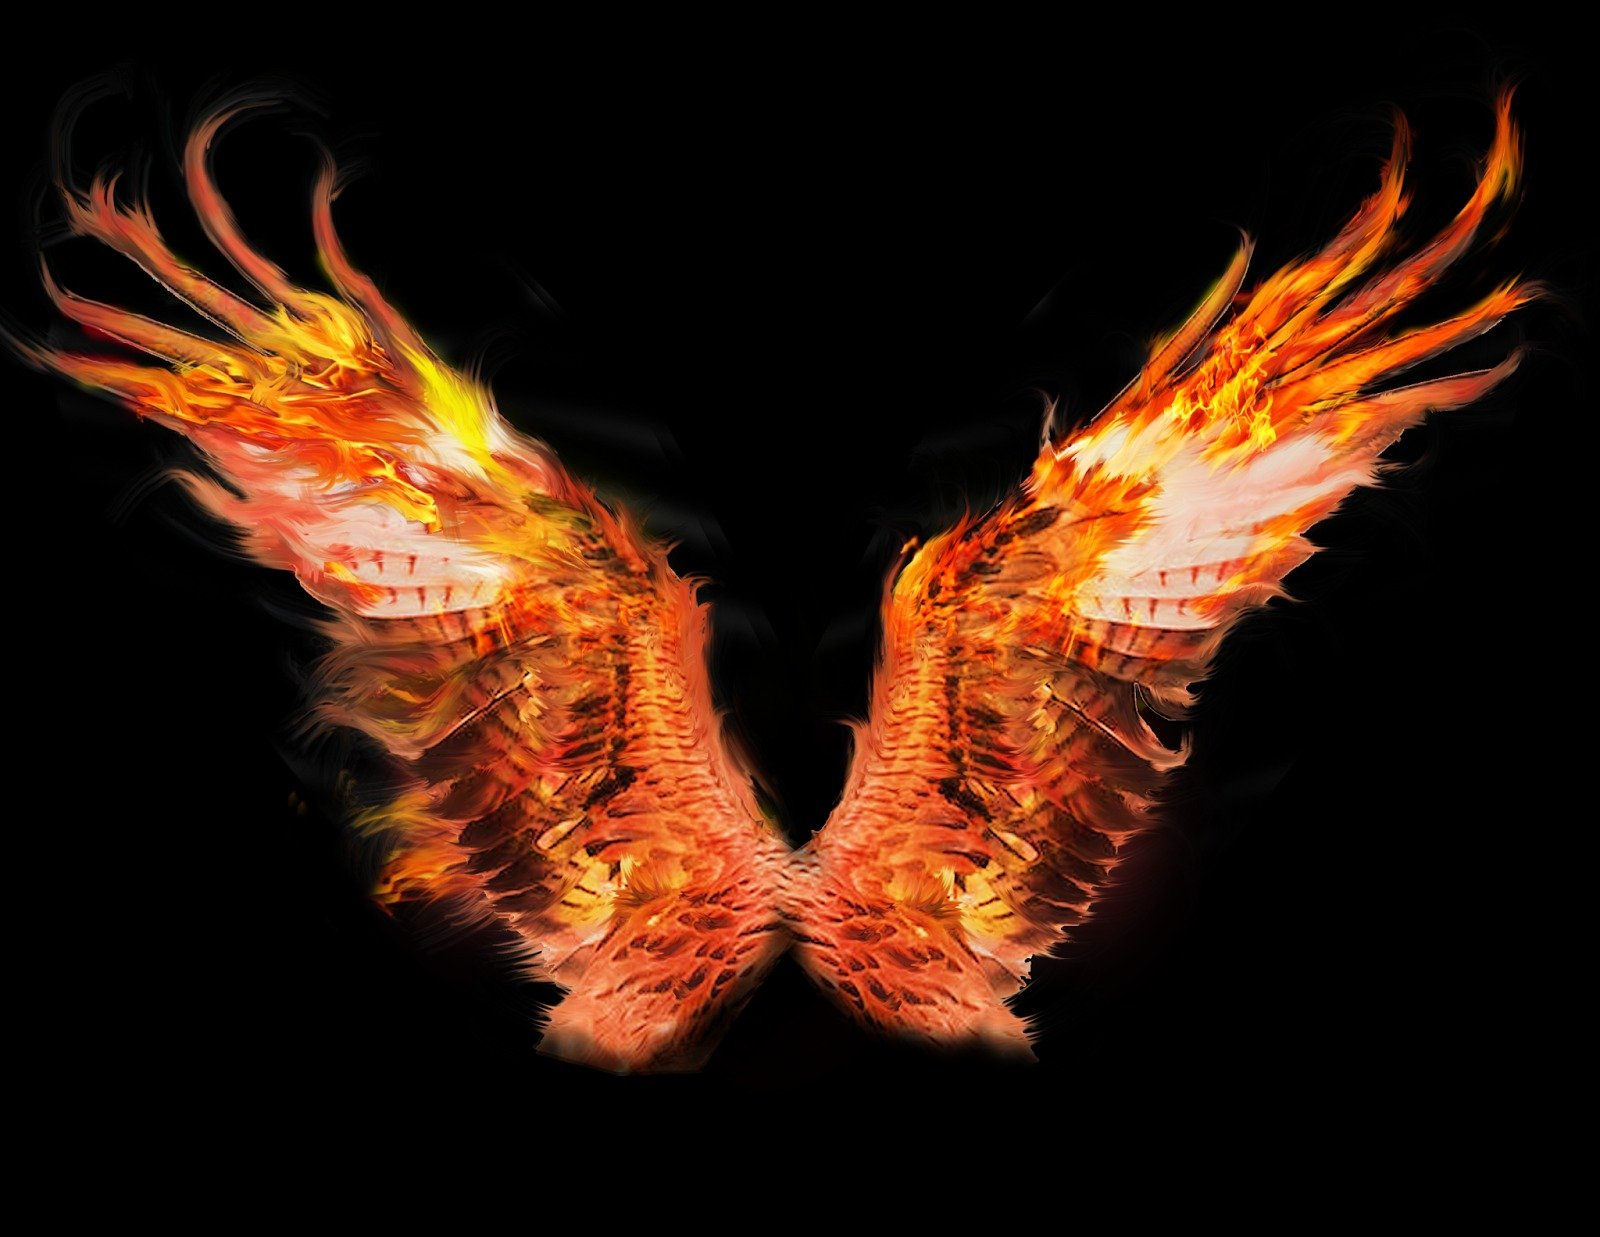 фотографировали горящее крыло фредди крюгер обои